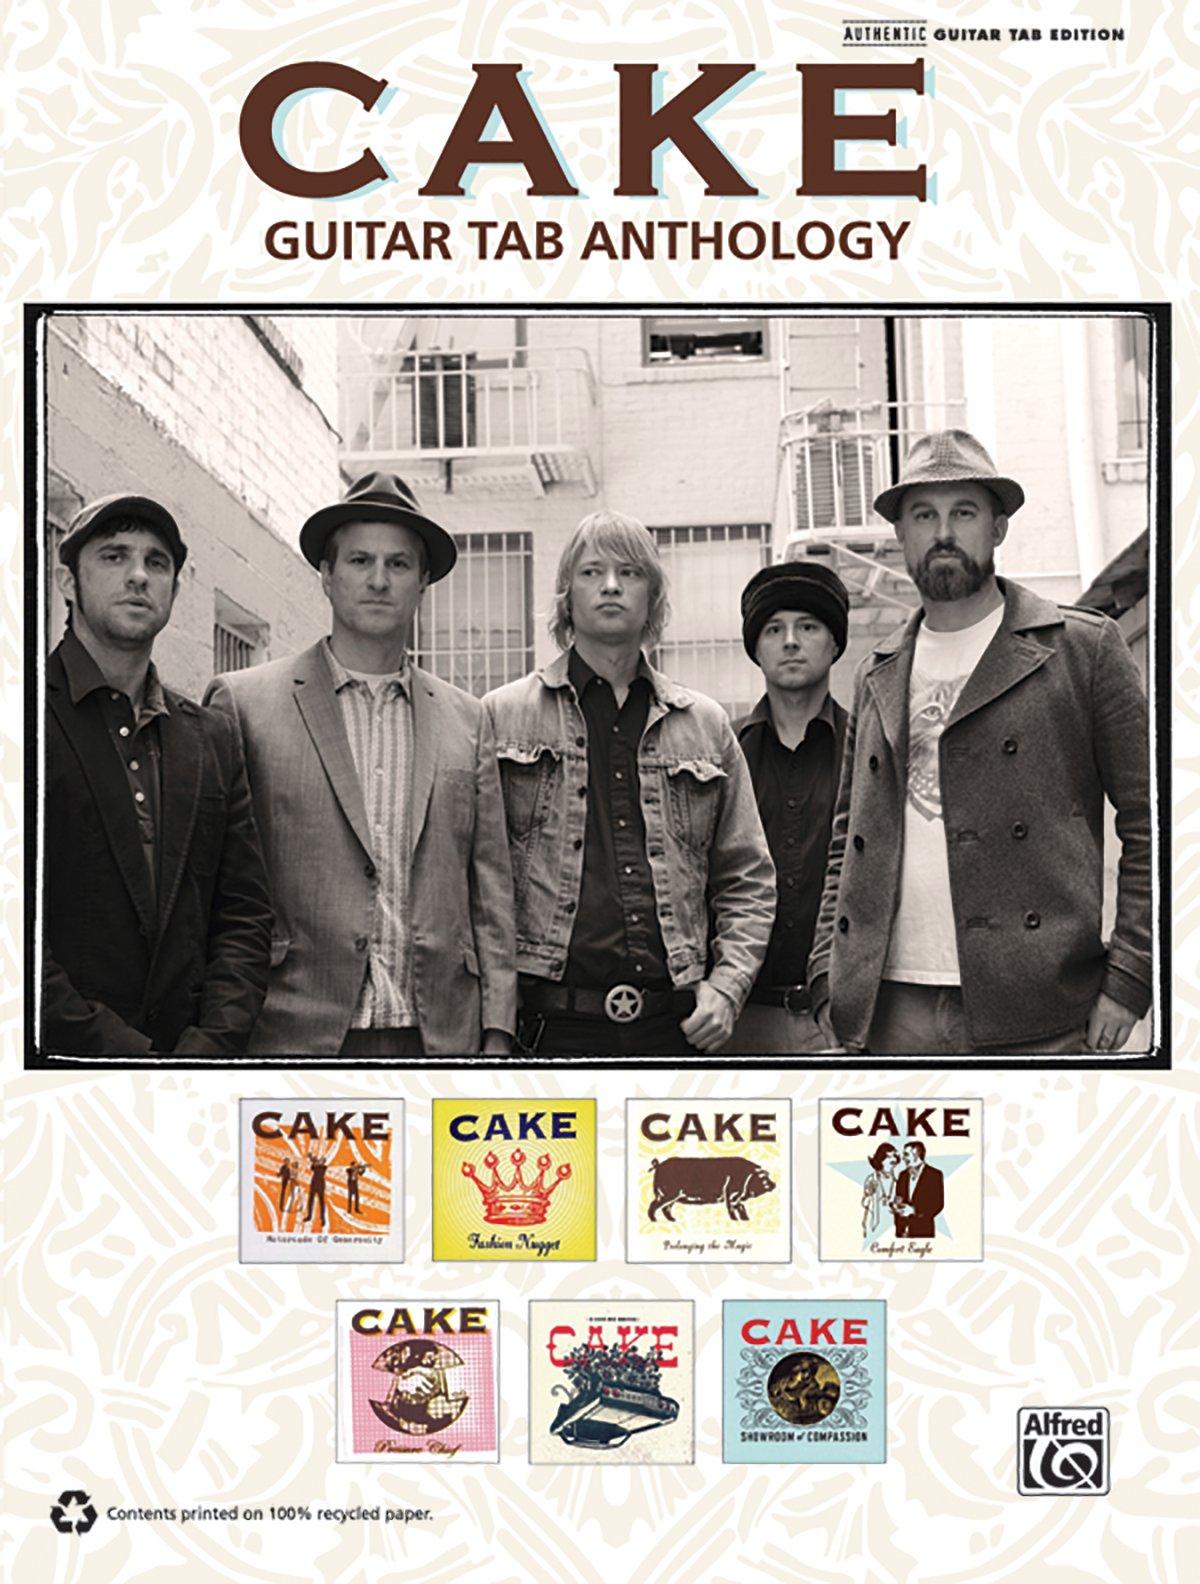 cake-guitar-tab-anthology